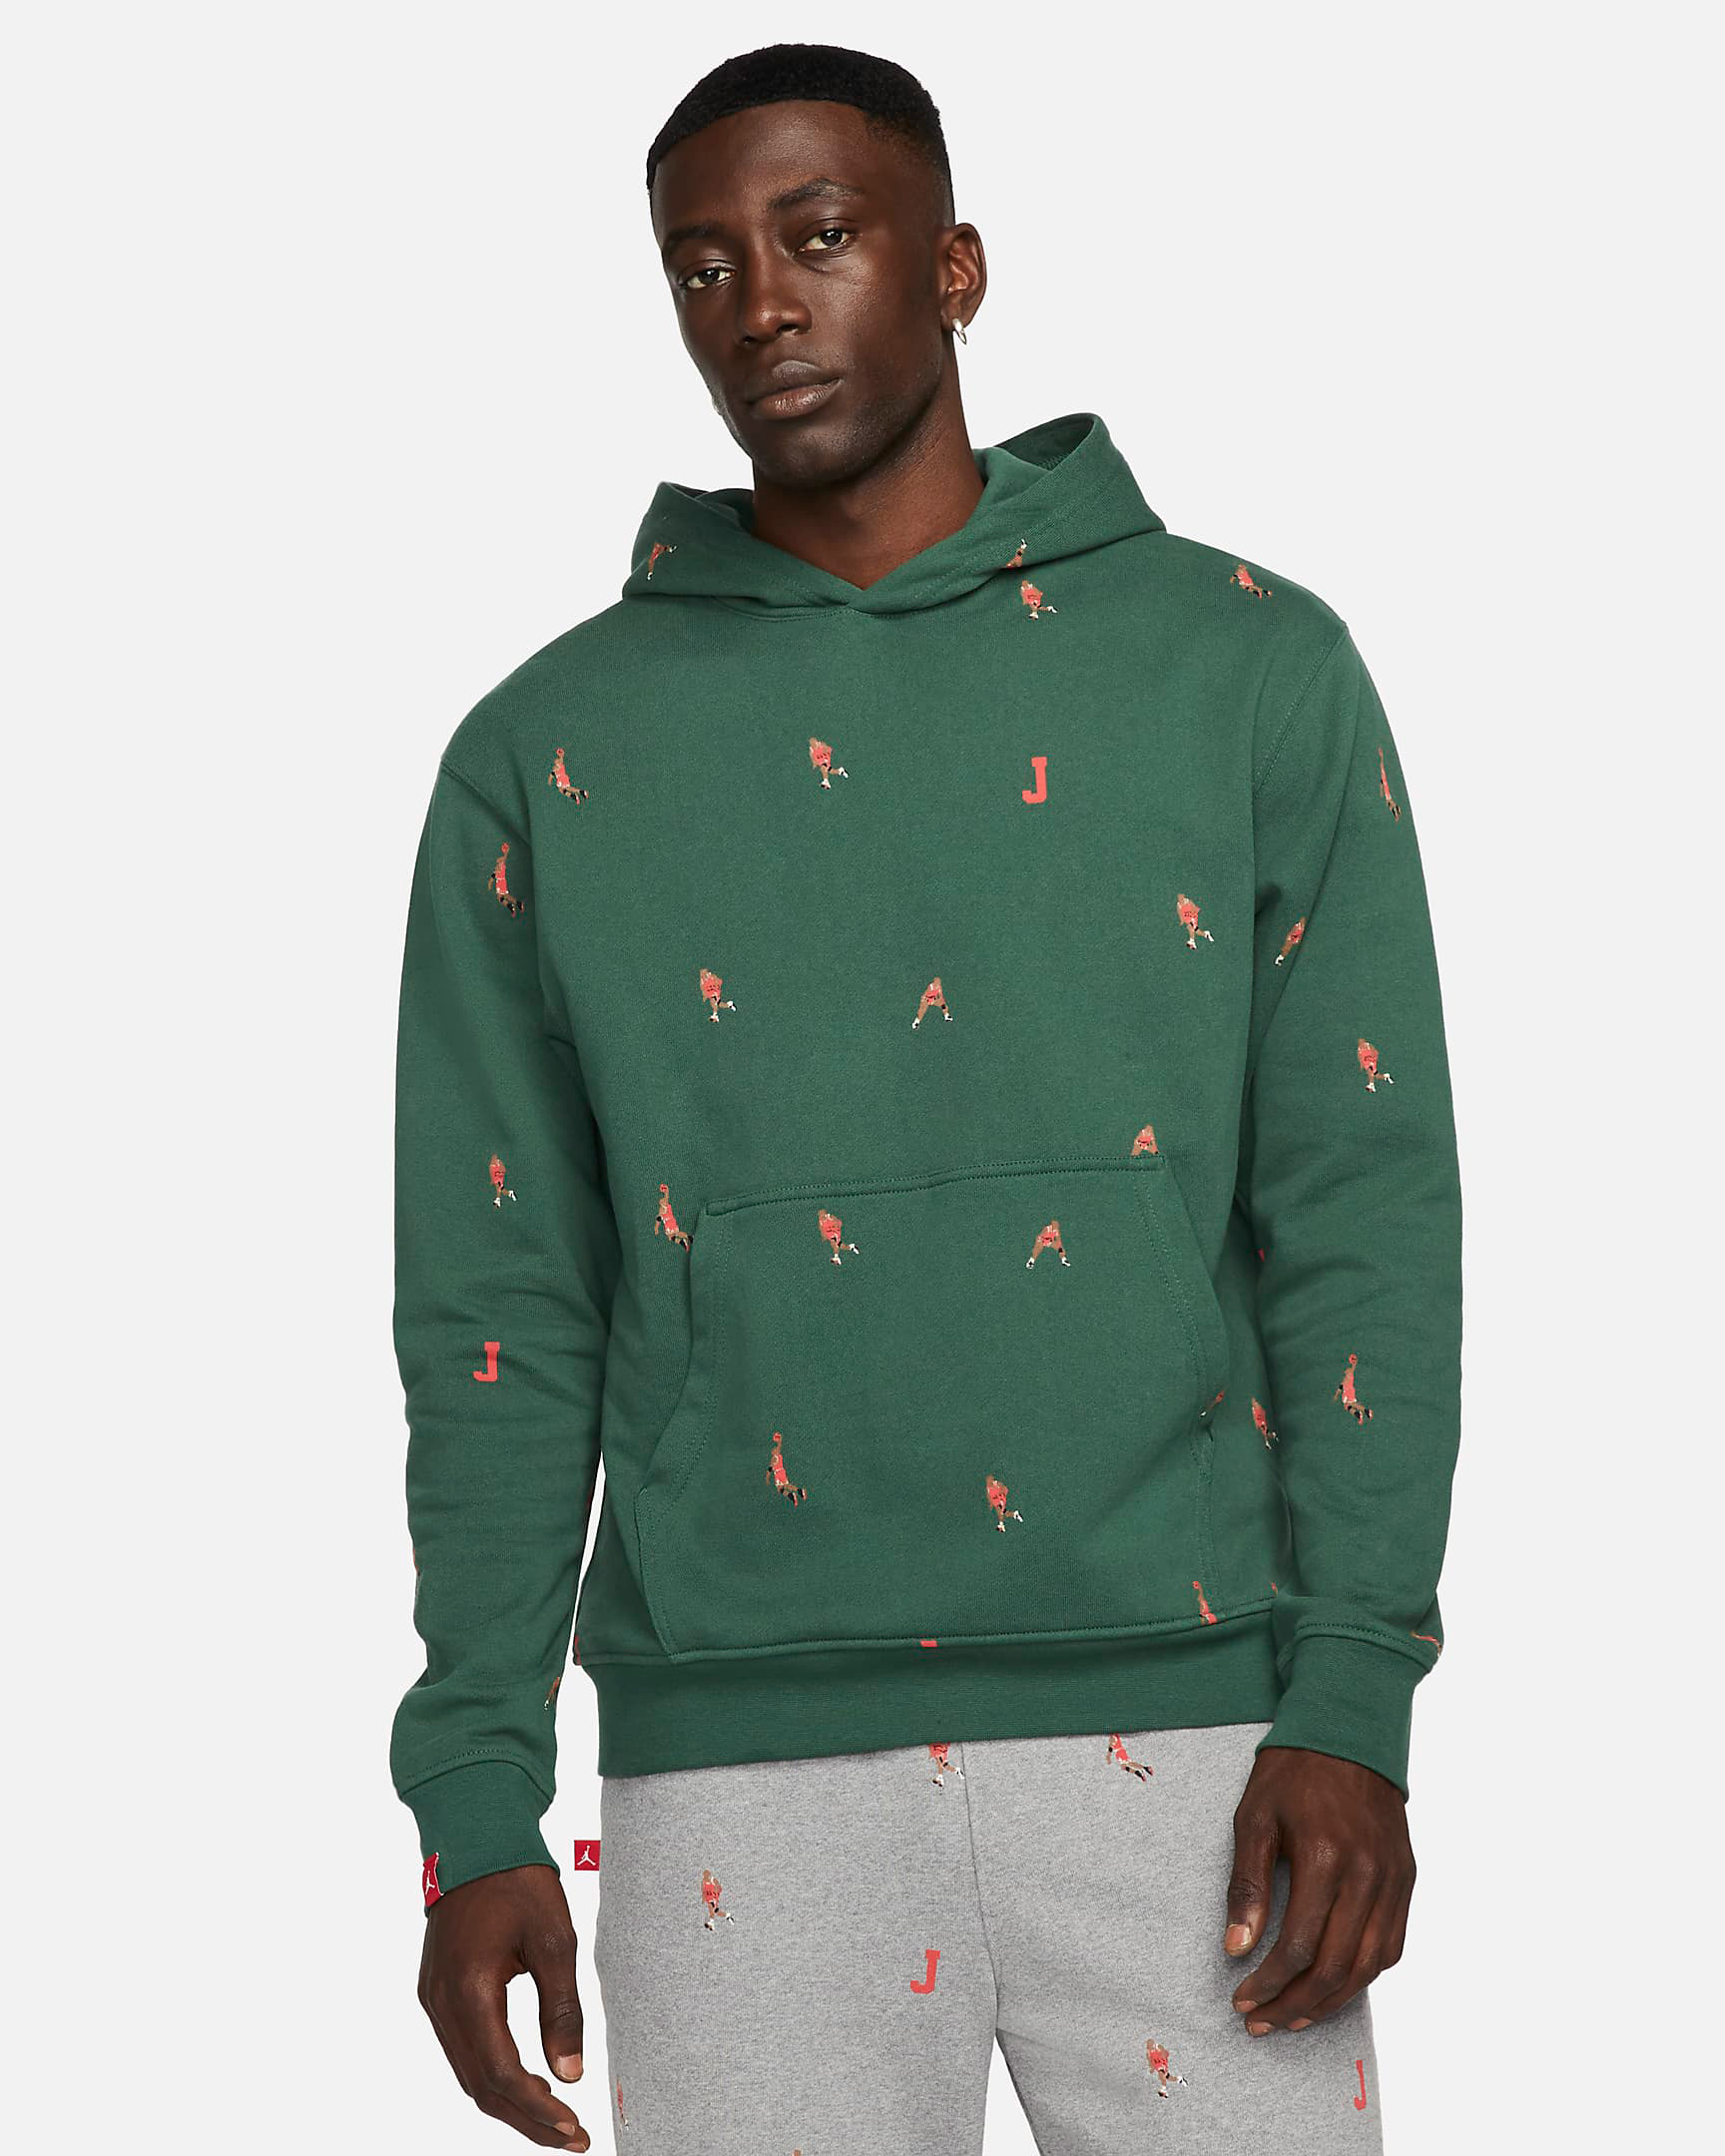 jordan-noble-green-essentials-printed-hoodie-1